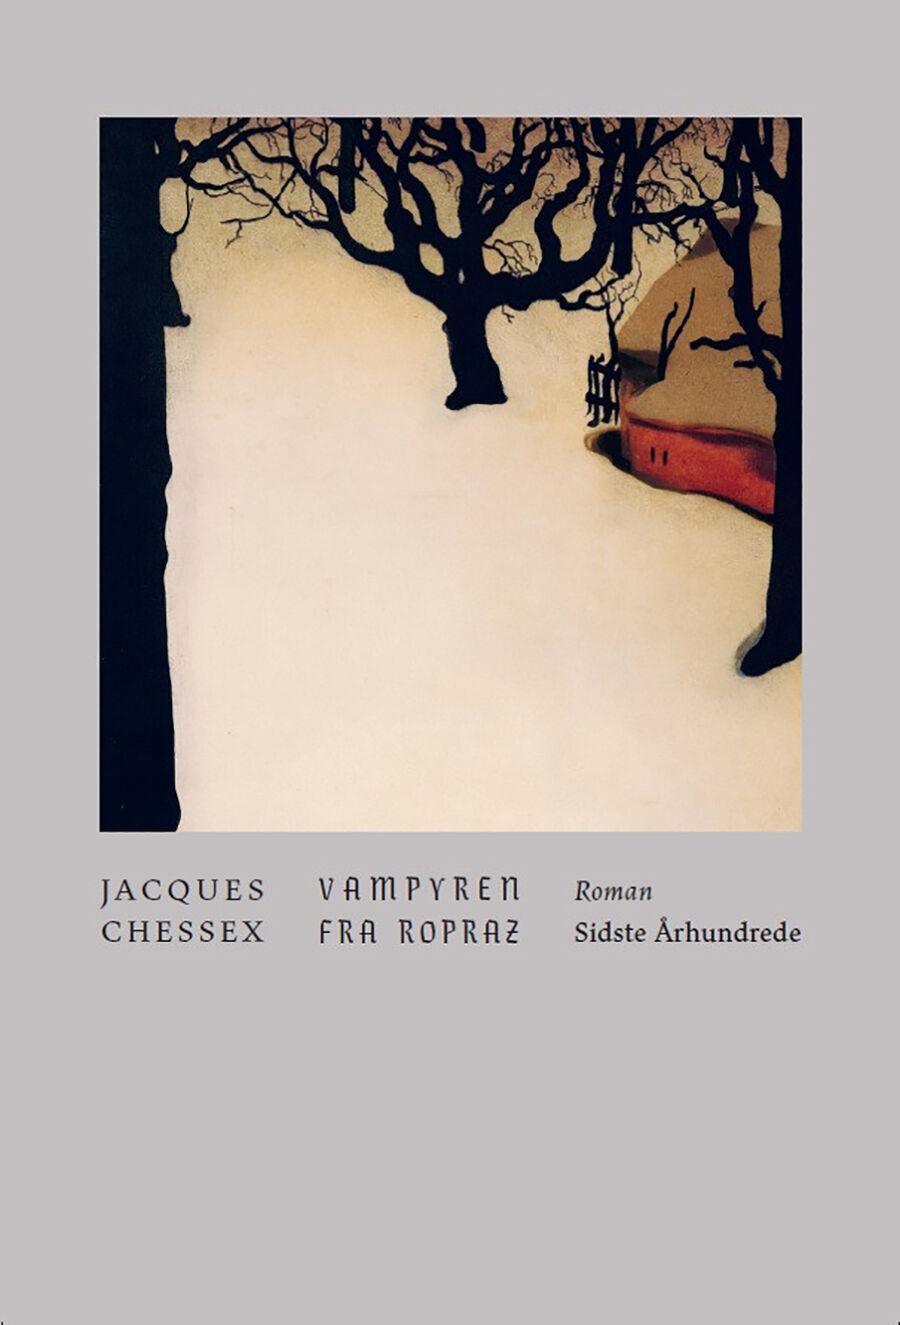 Franziska anbefaler tankevækkende bog om ondskab